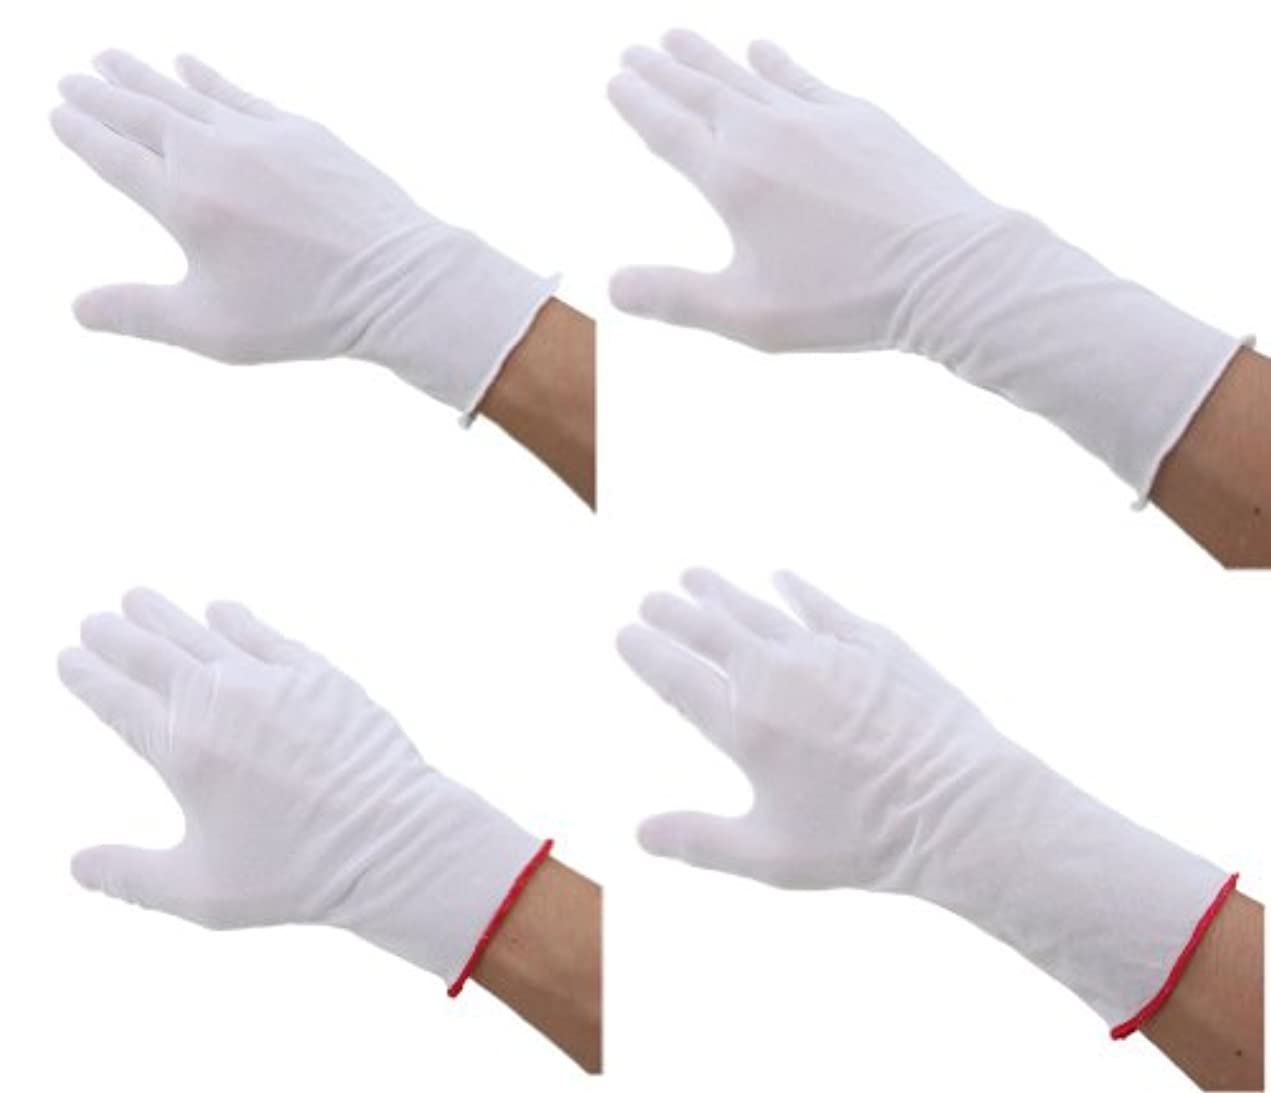 放出腹痛治療ウインセス 【通気性抜群!ゴム手袋の下履きに!/極薄インナー手袋】 約28cm (L/ロング)